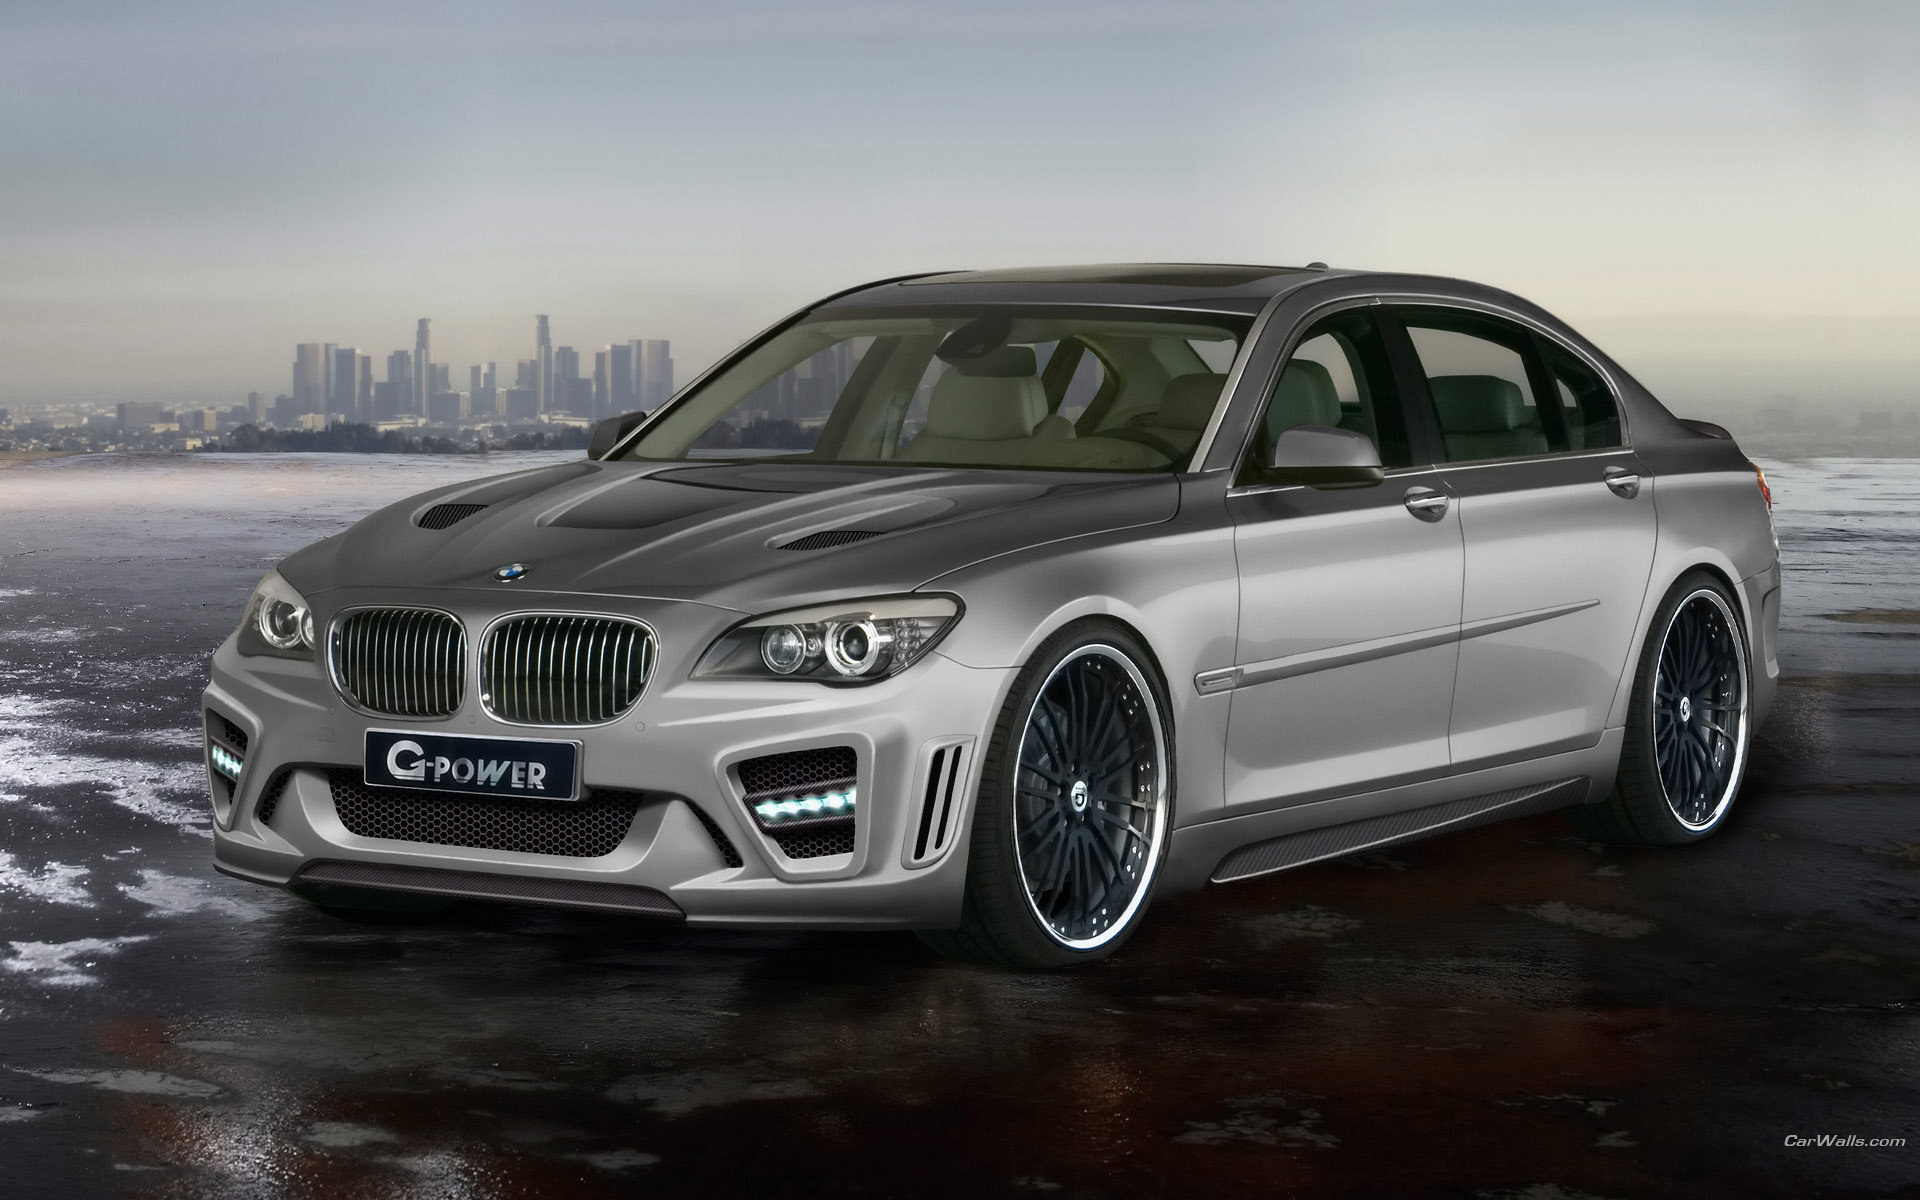 BMW 760i STORM G-POWER - BMW Wallpaper (10865156) - Fanpop